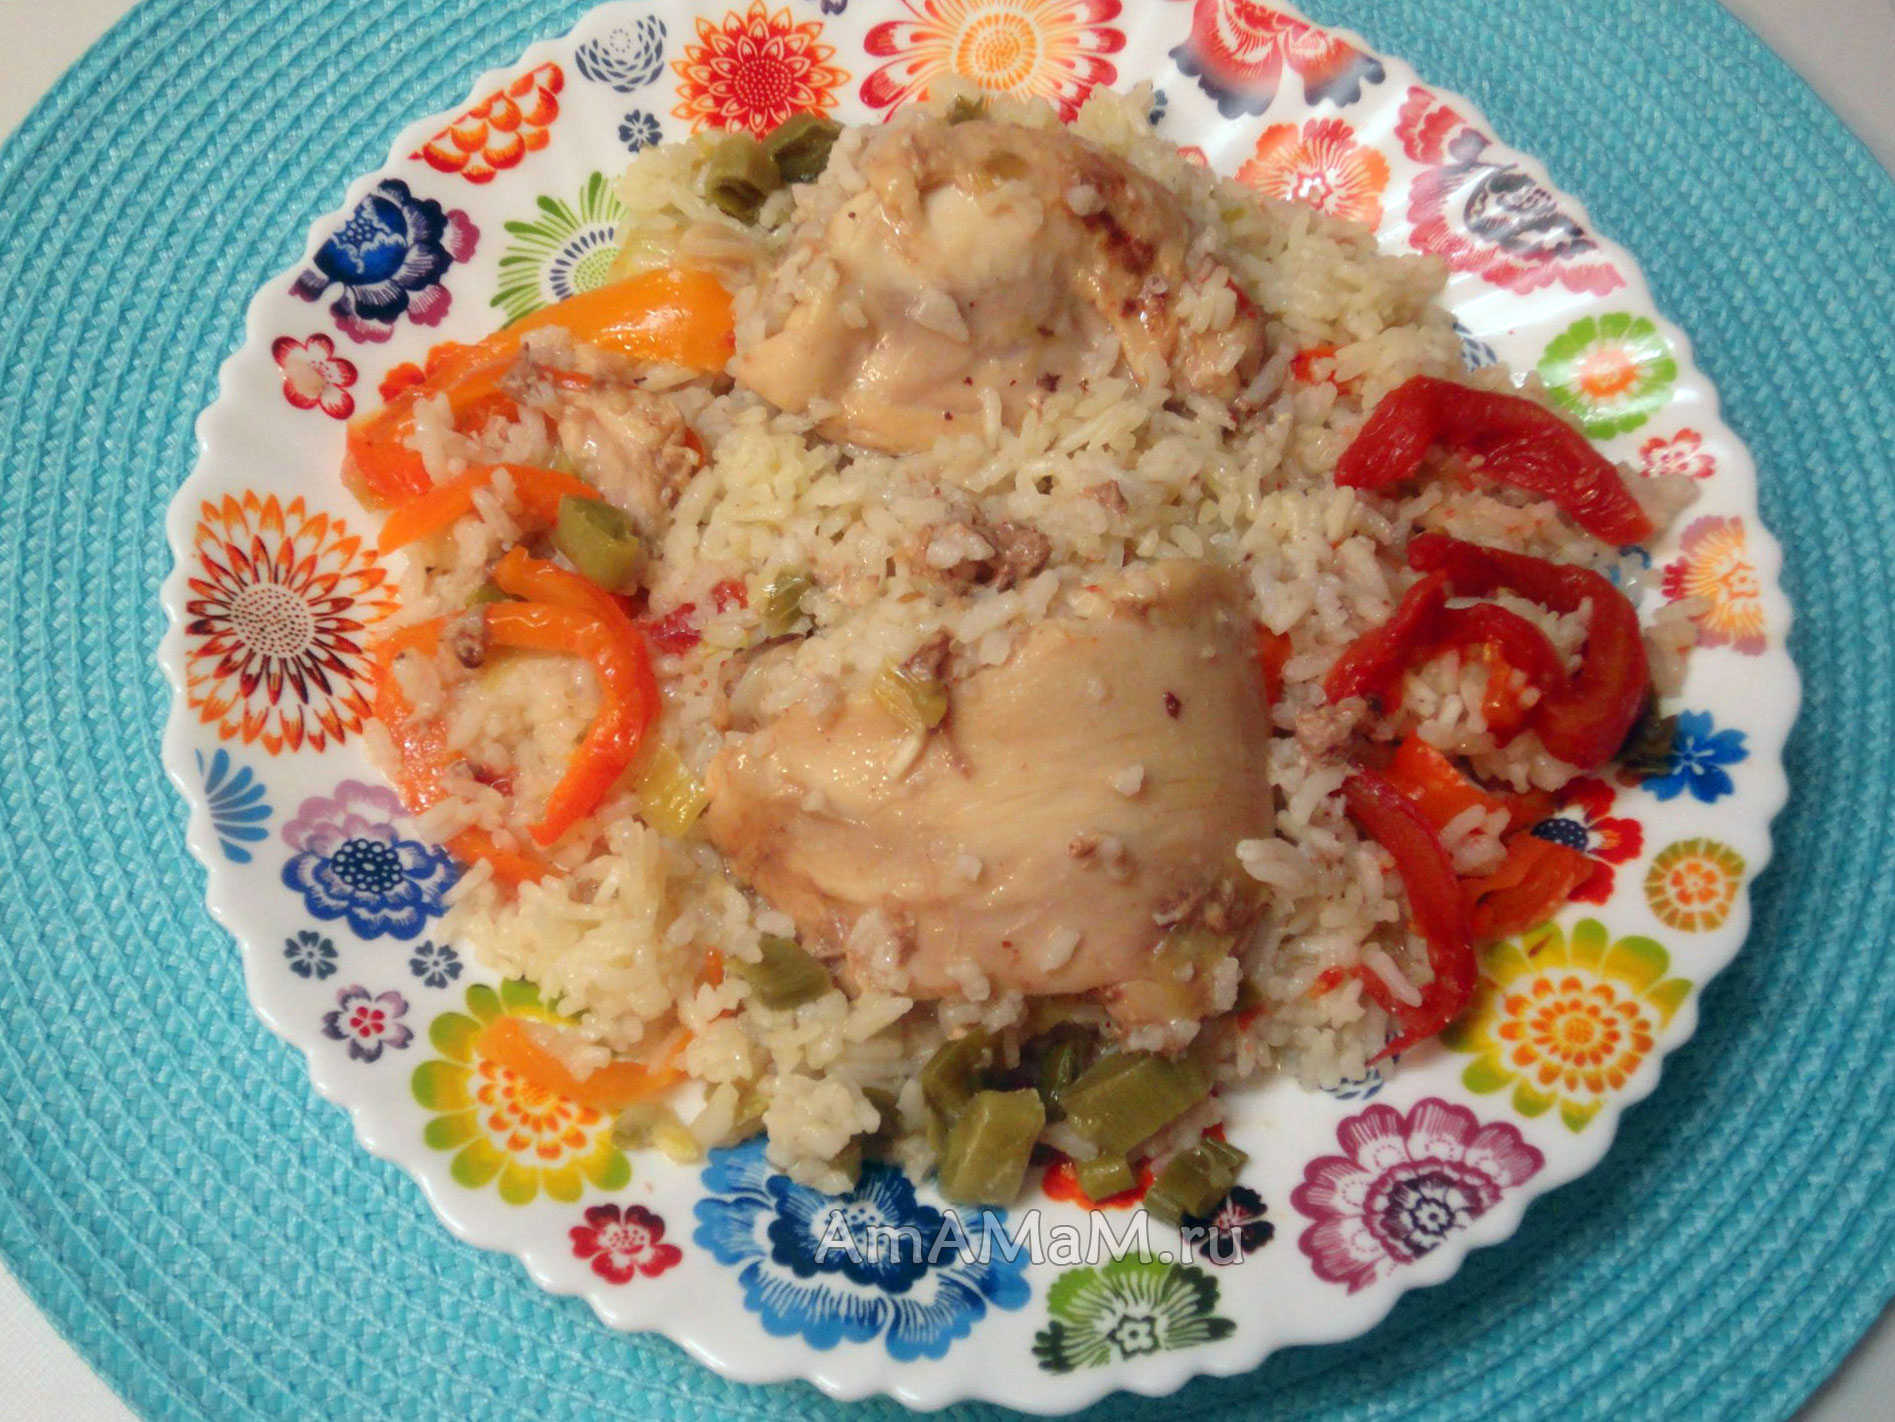 Курица с рисом в духовке - пошаговый рецепт с фото И вкусно и